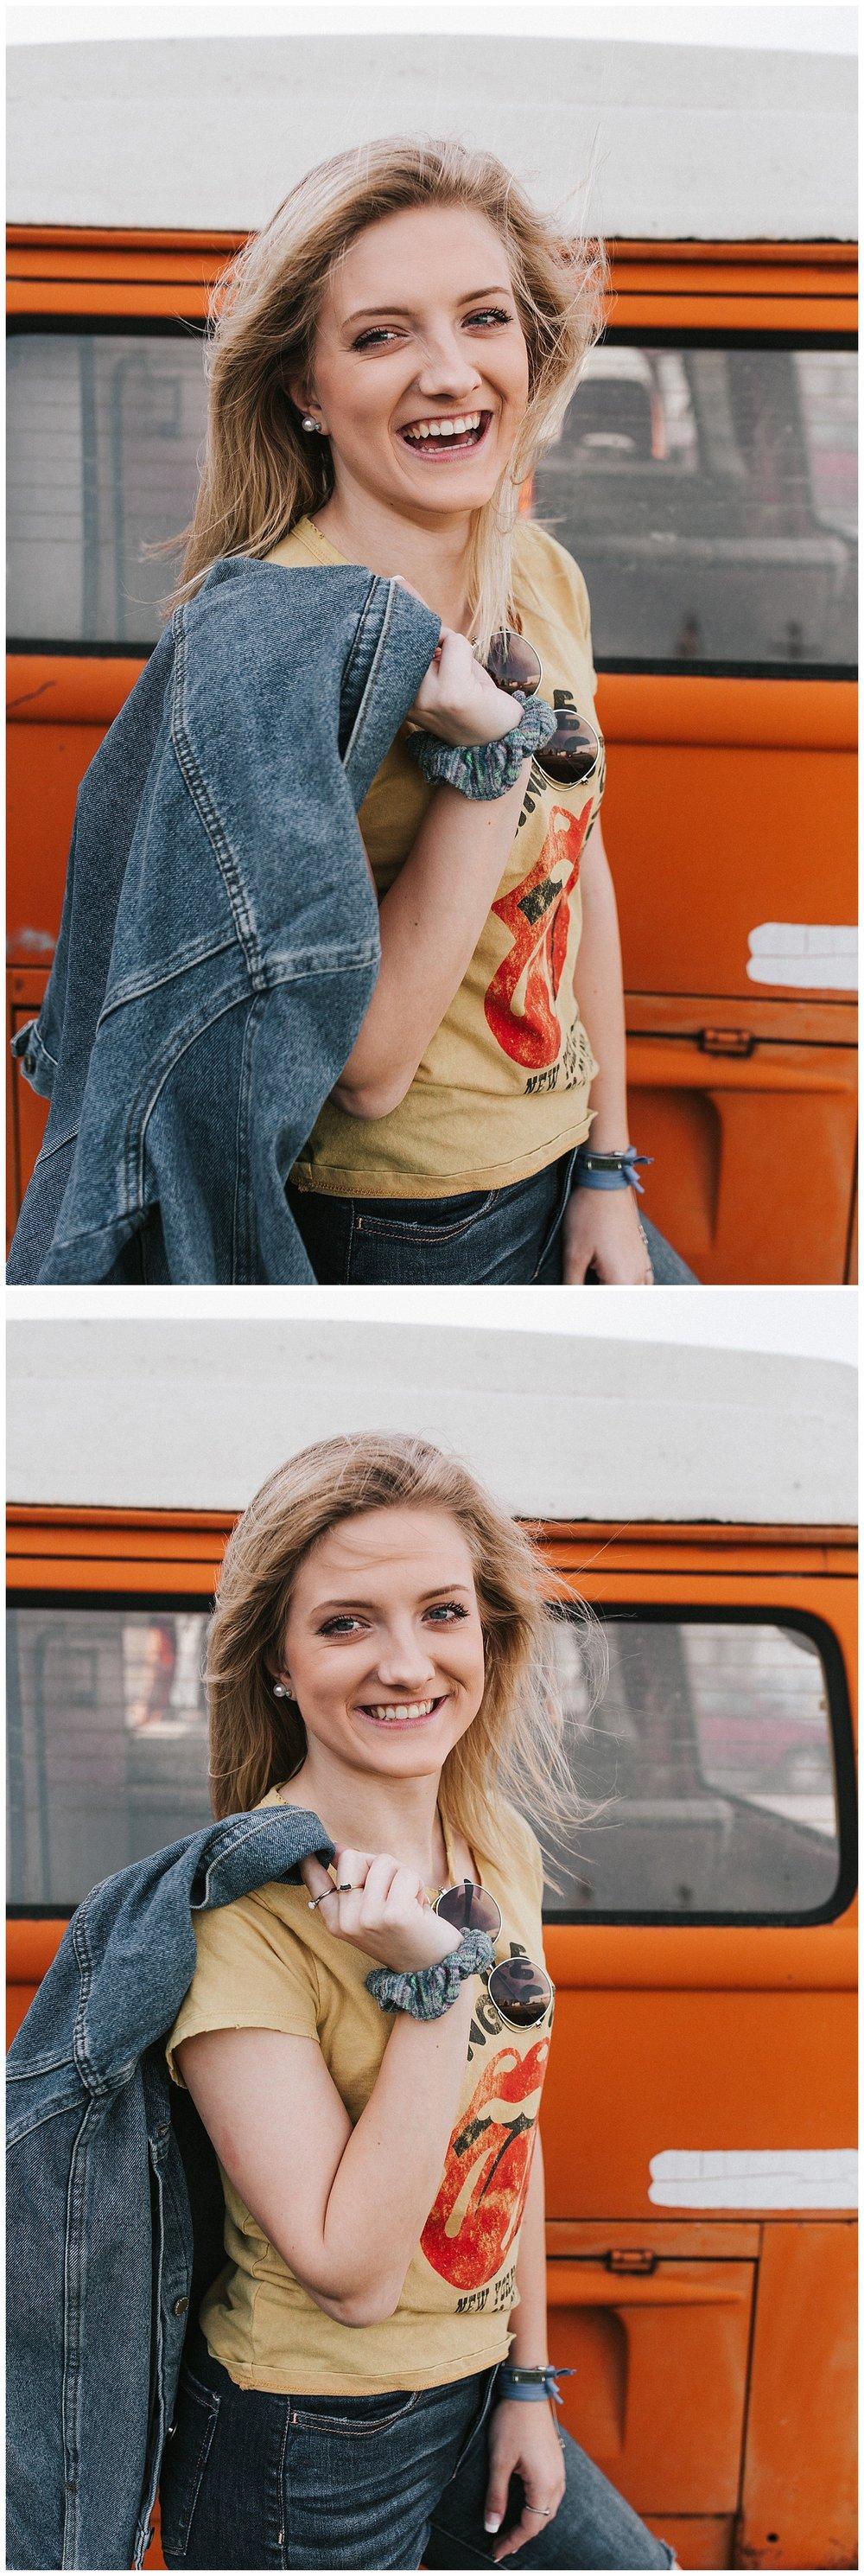 lincoln_nebraska_senior_portrait_photographer_haley_chicoine_adenturous_session_0043.jpg